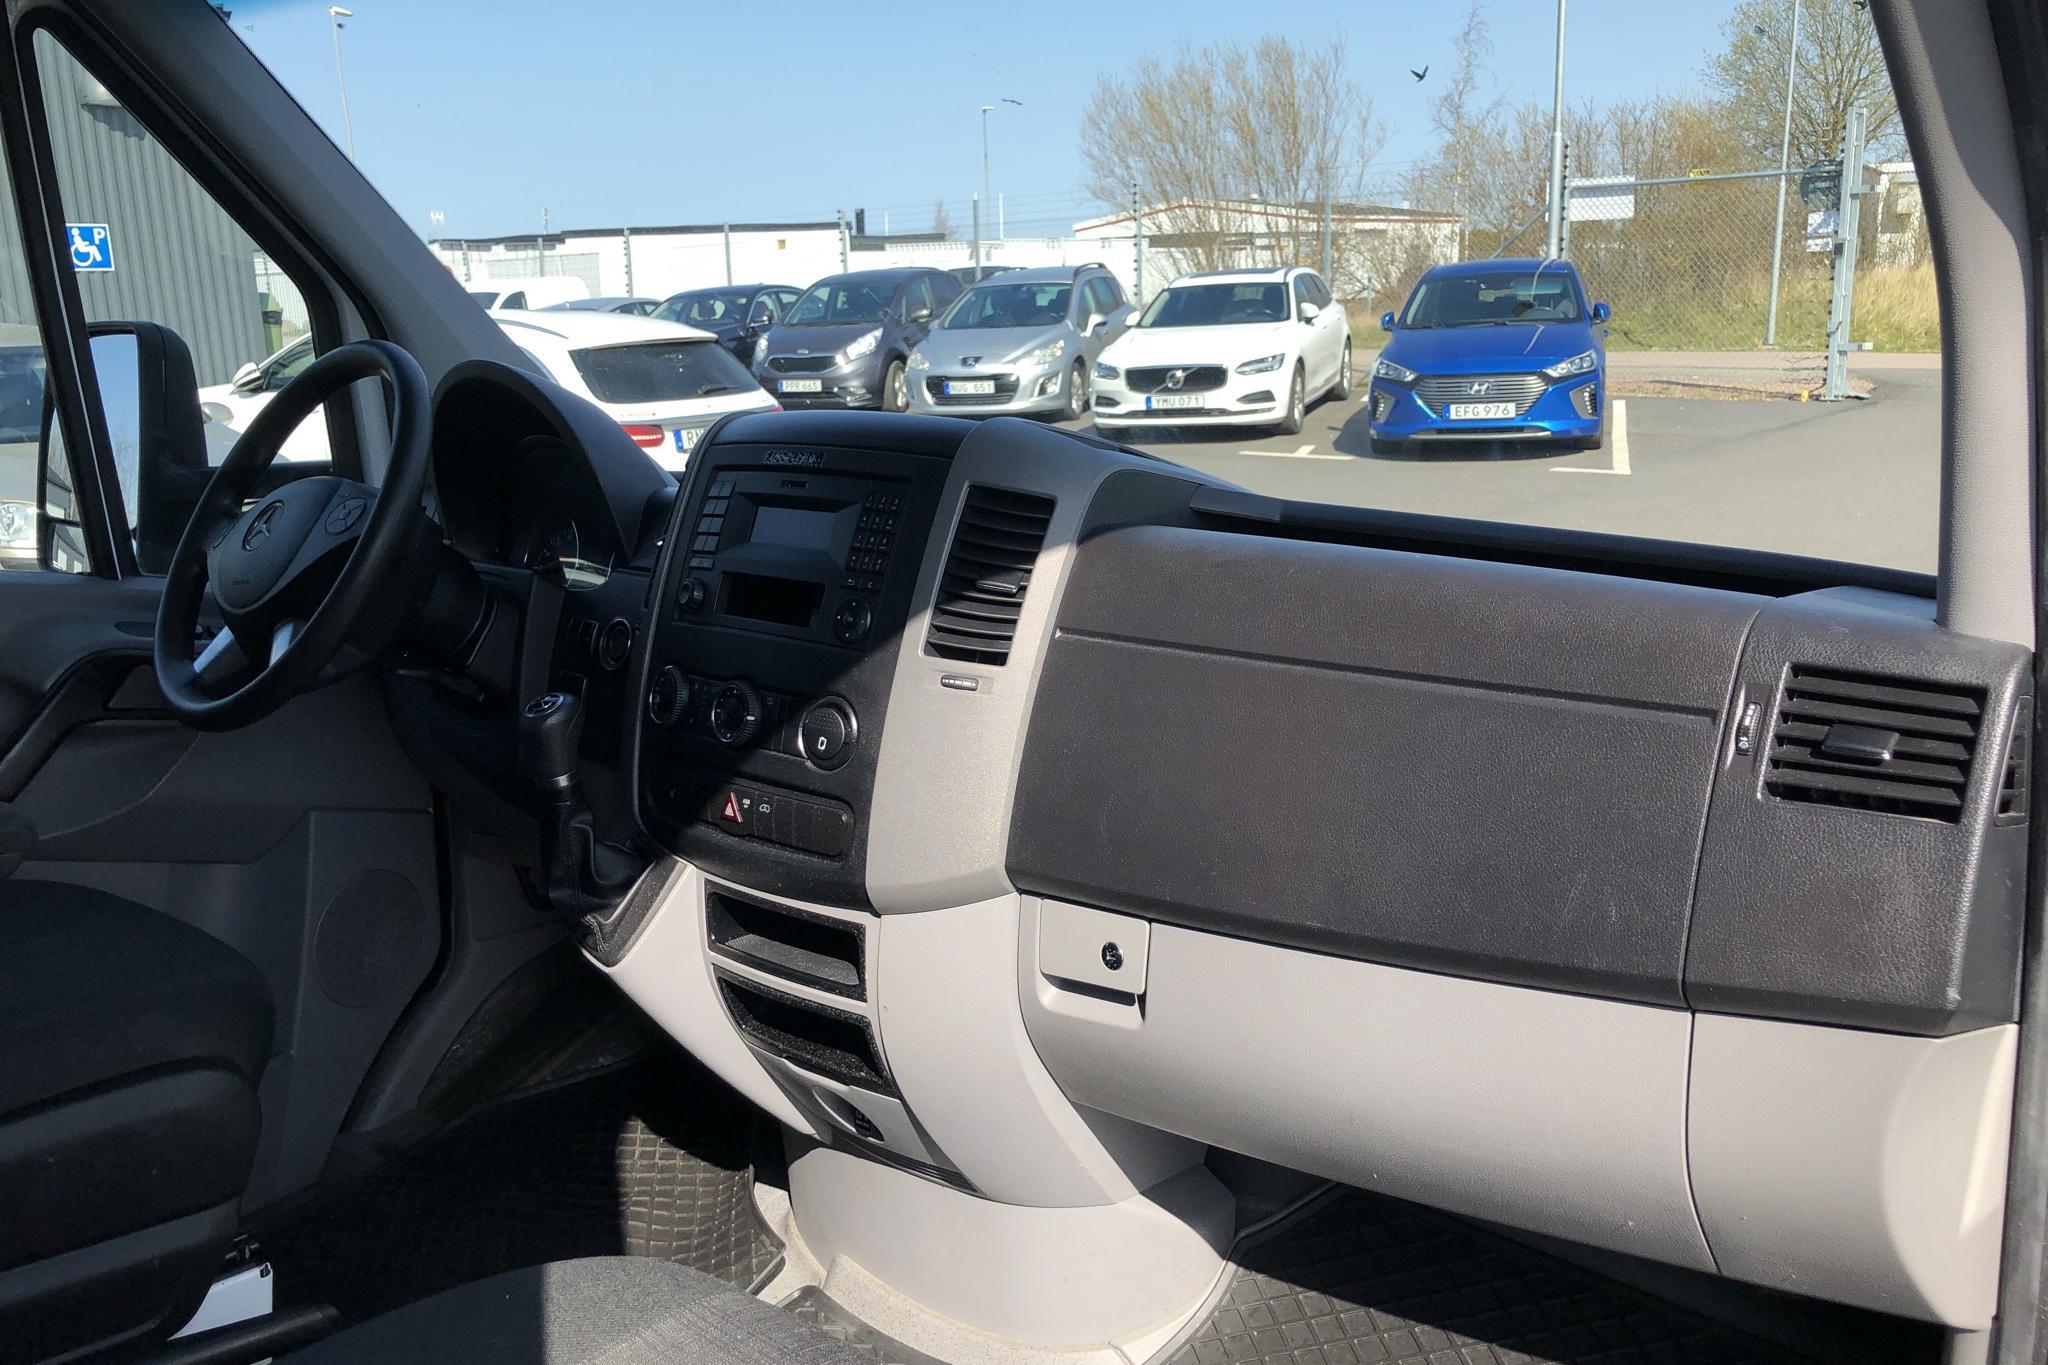 Mercedes Sprinter 314 CDI Volymskåp (143hk) - 15 071 mil - Automat - vit - 2017